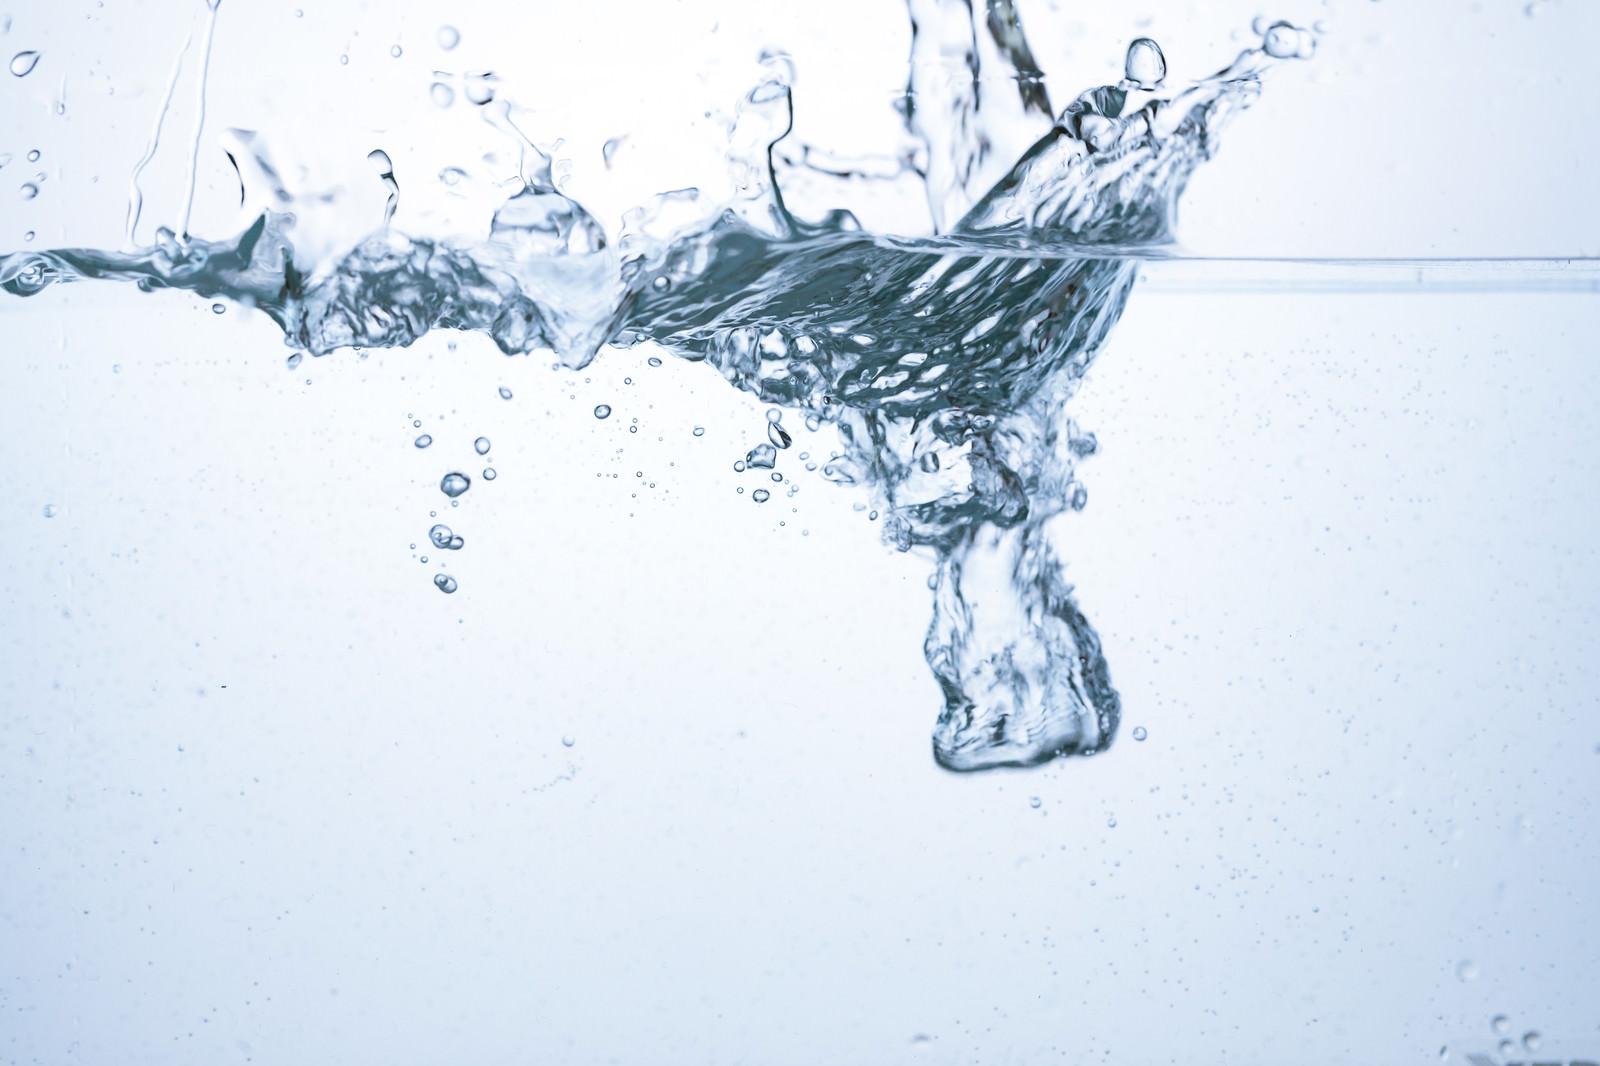 「水槽に勢いよく水が入れられる水槽に勢いよく水が入れられる」のフリー写真素材を拡大